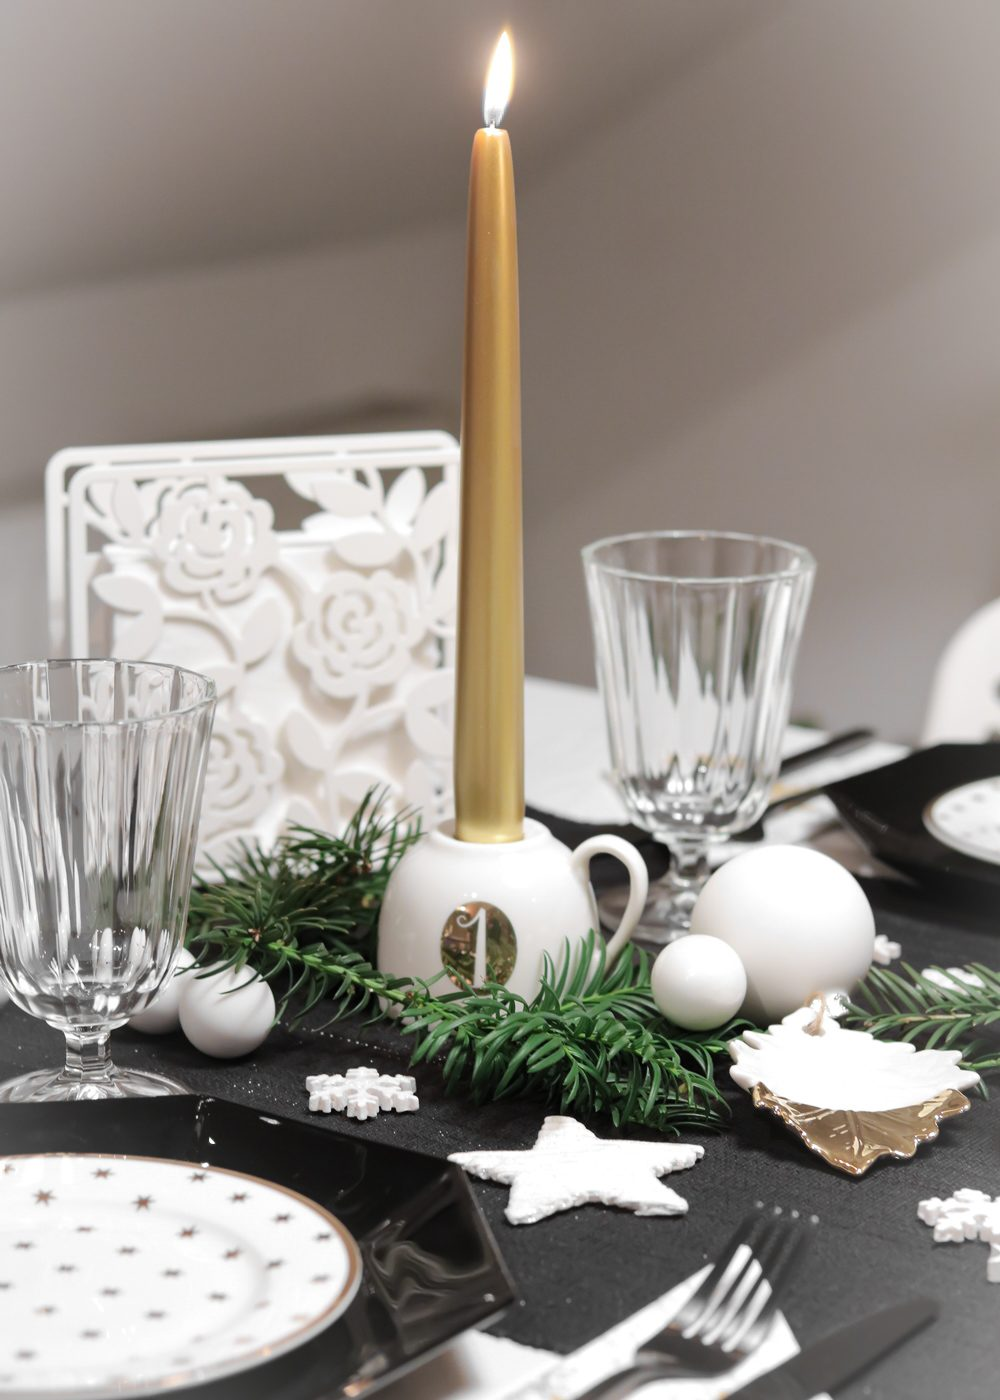 ediths-weihnachten-tischdekoration-advent-schwarzes-besteck-teller-gold-sterne-3